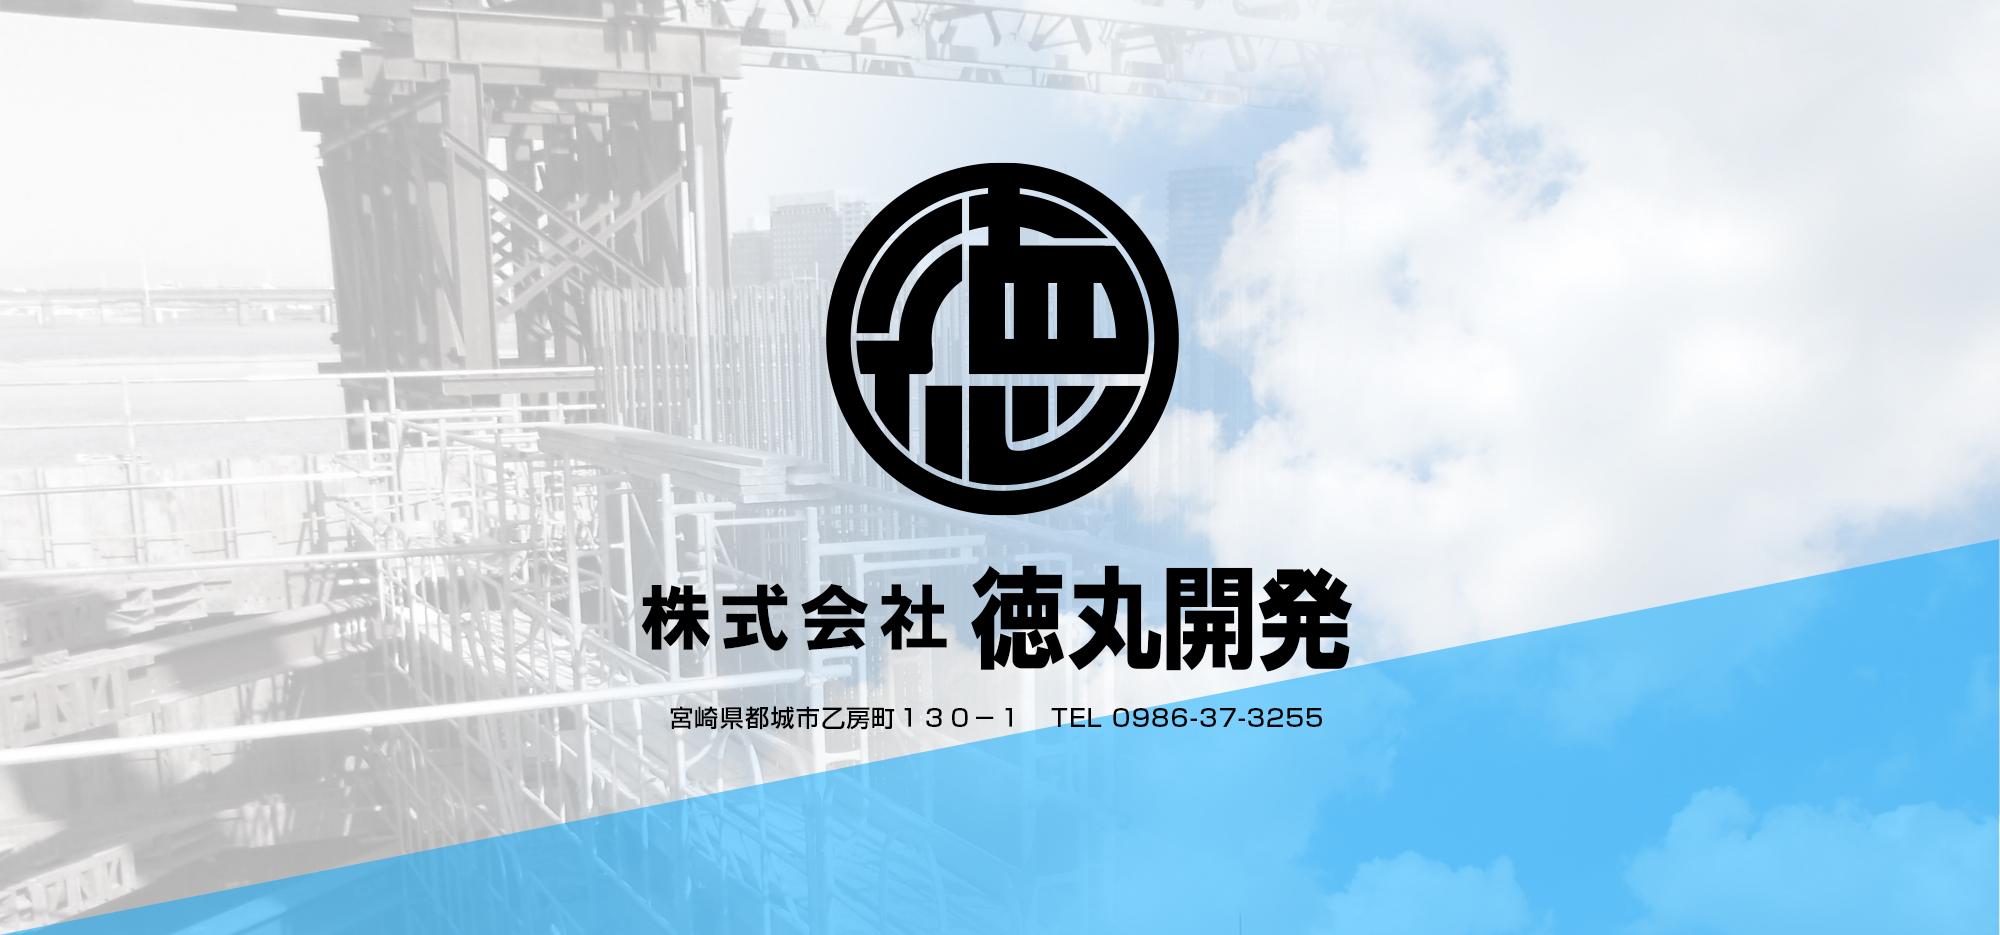 株式会社徳丸開発